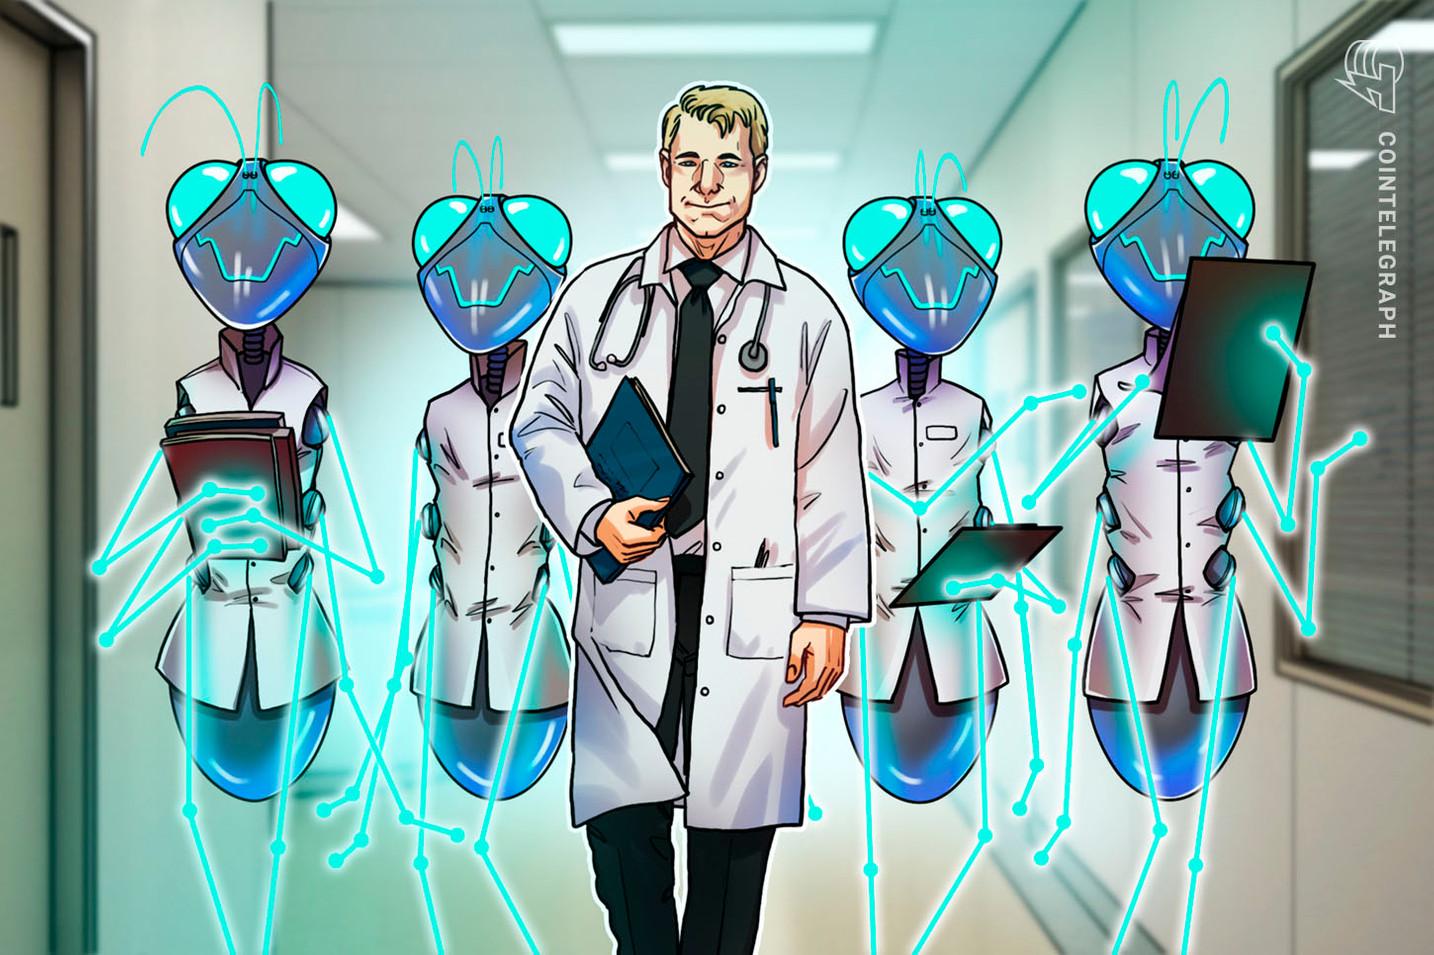 El Gobierno de Afganistán utilizará una plataforma blockchain para controlar la falsificación de medicamentos